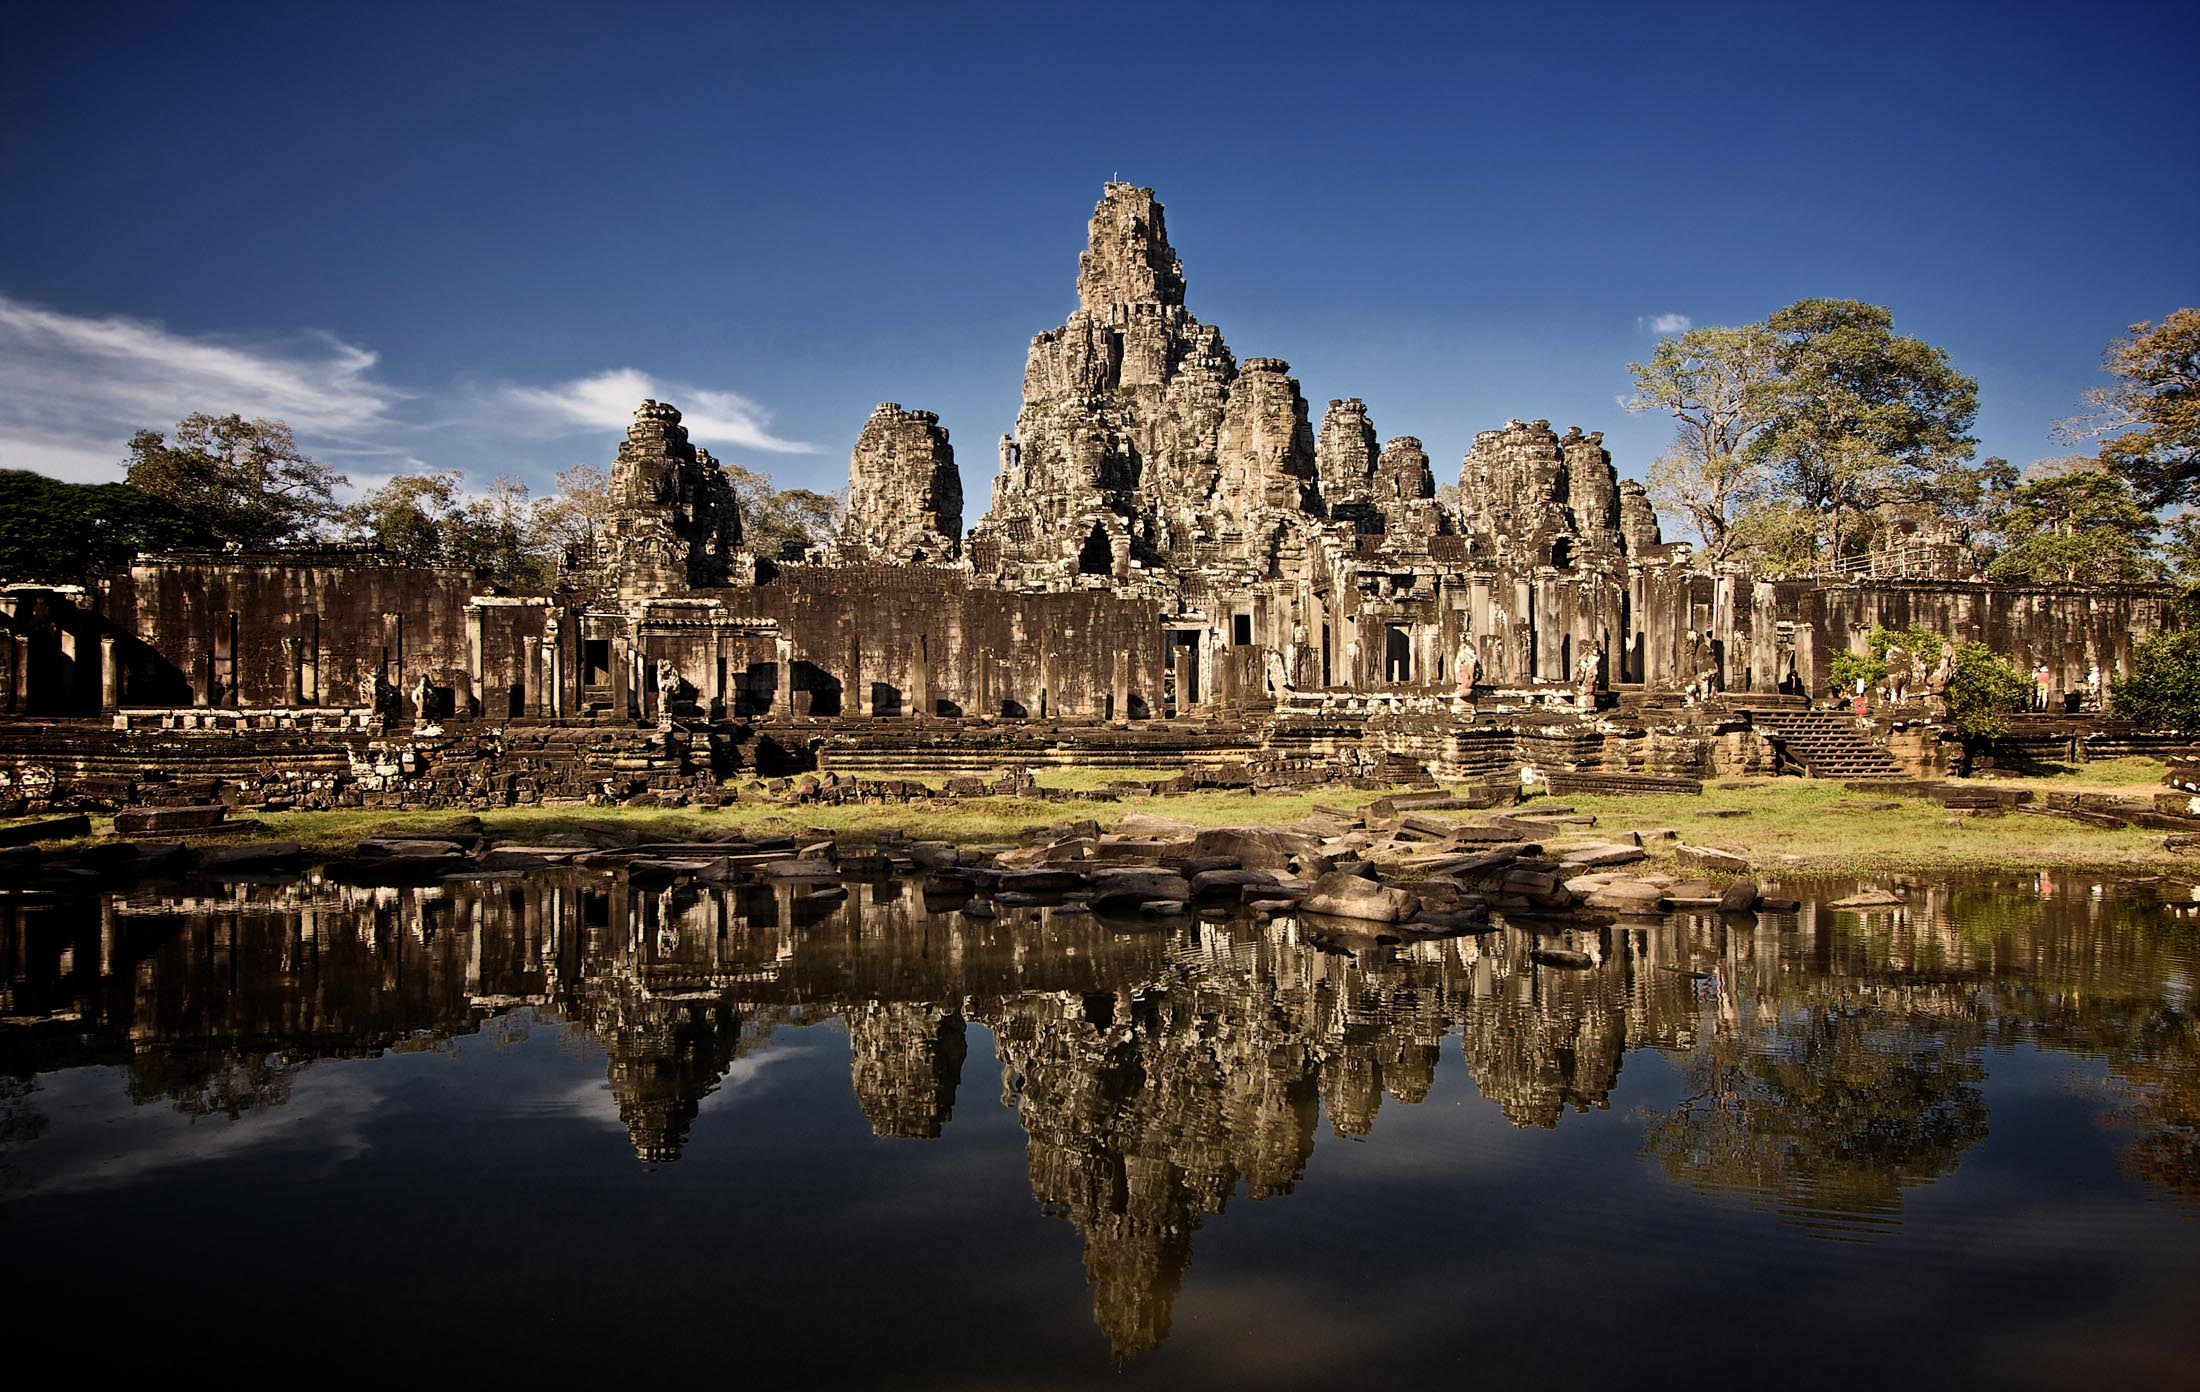 Angkor Thom, Cambodia